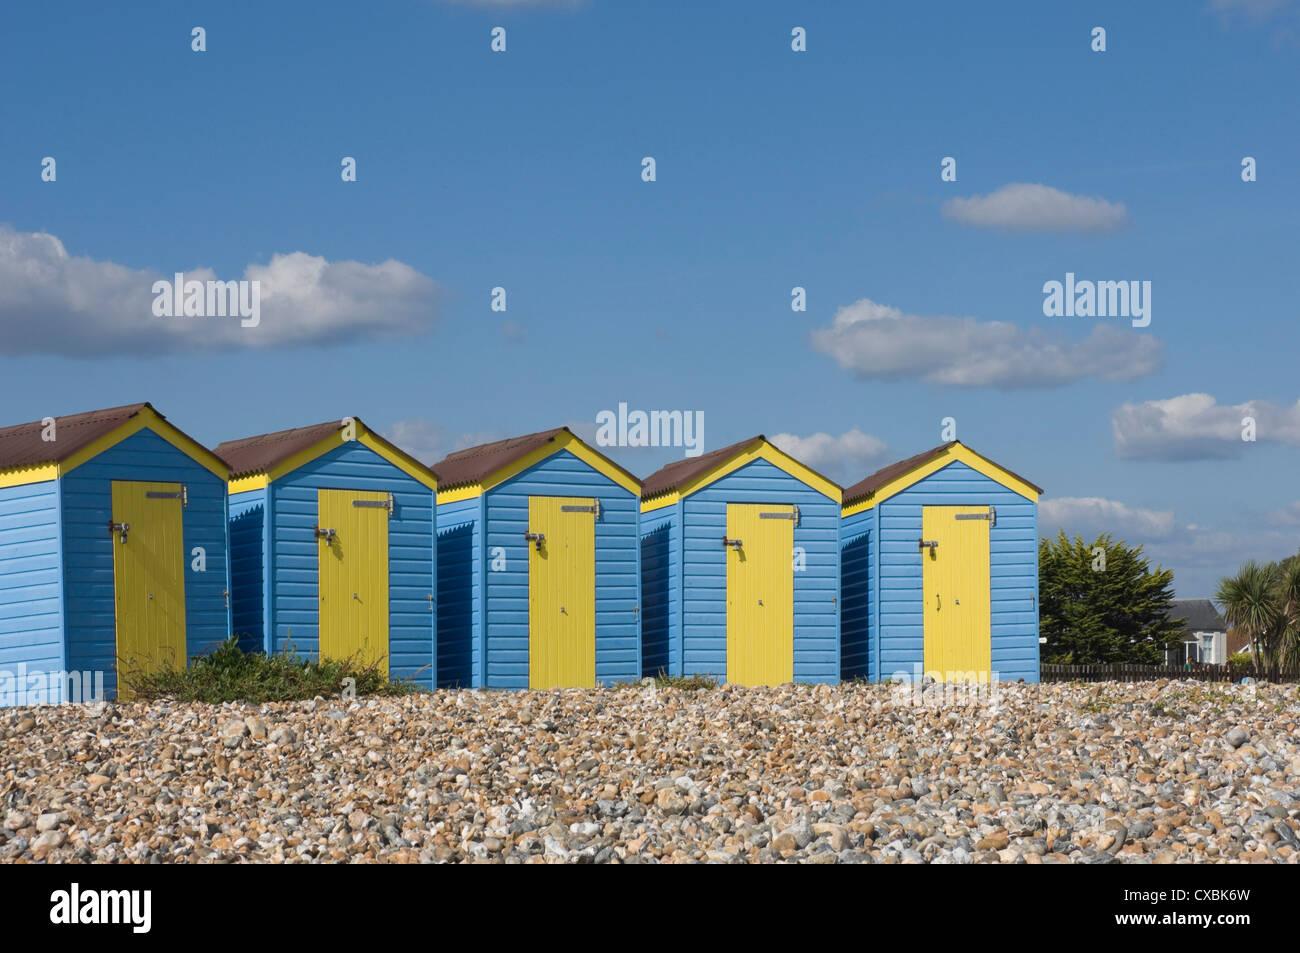 Cinque blu spiaggia capanne con sportelli gialli, Littlehampton West Sussex, in Inghilterra, Regno Unito, Europa Immagini Stock